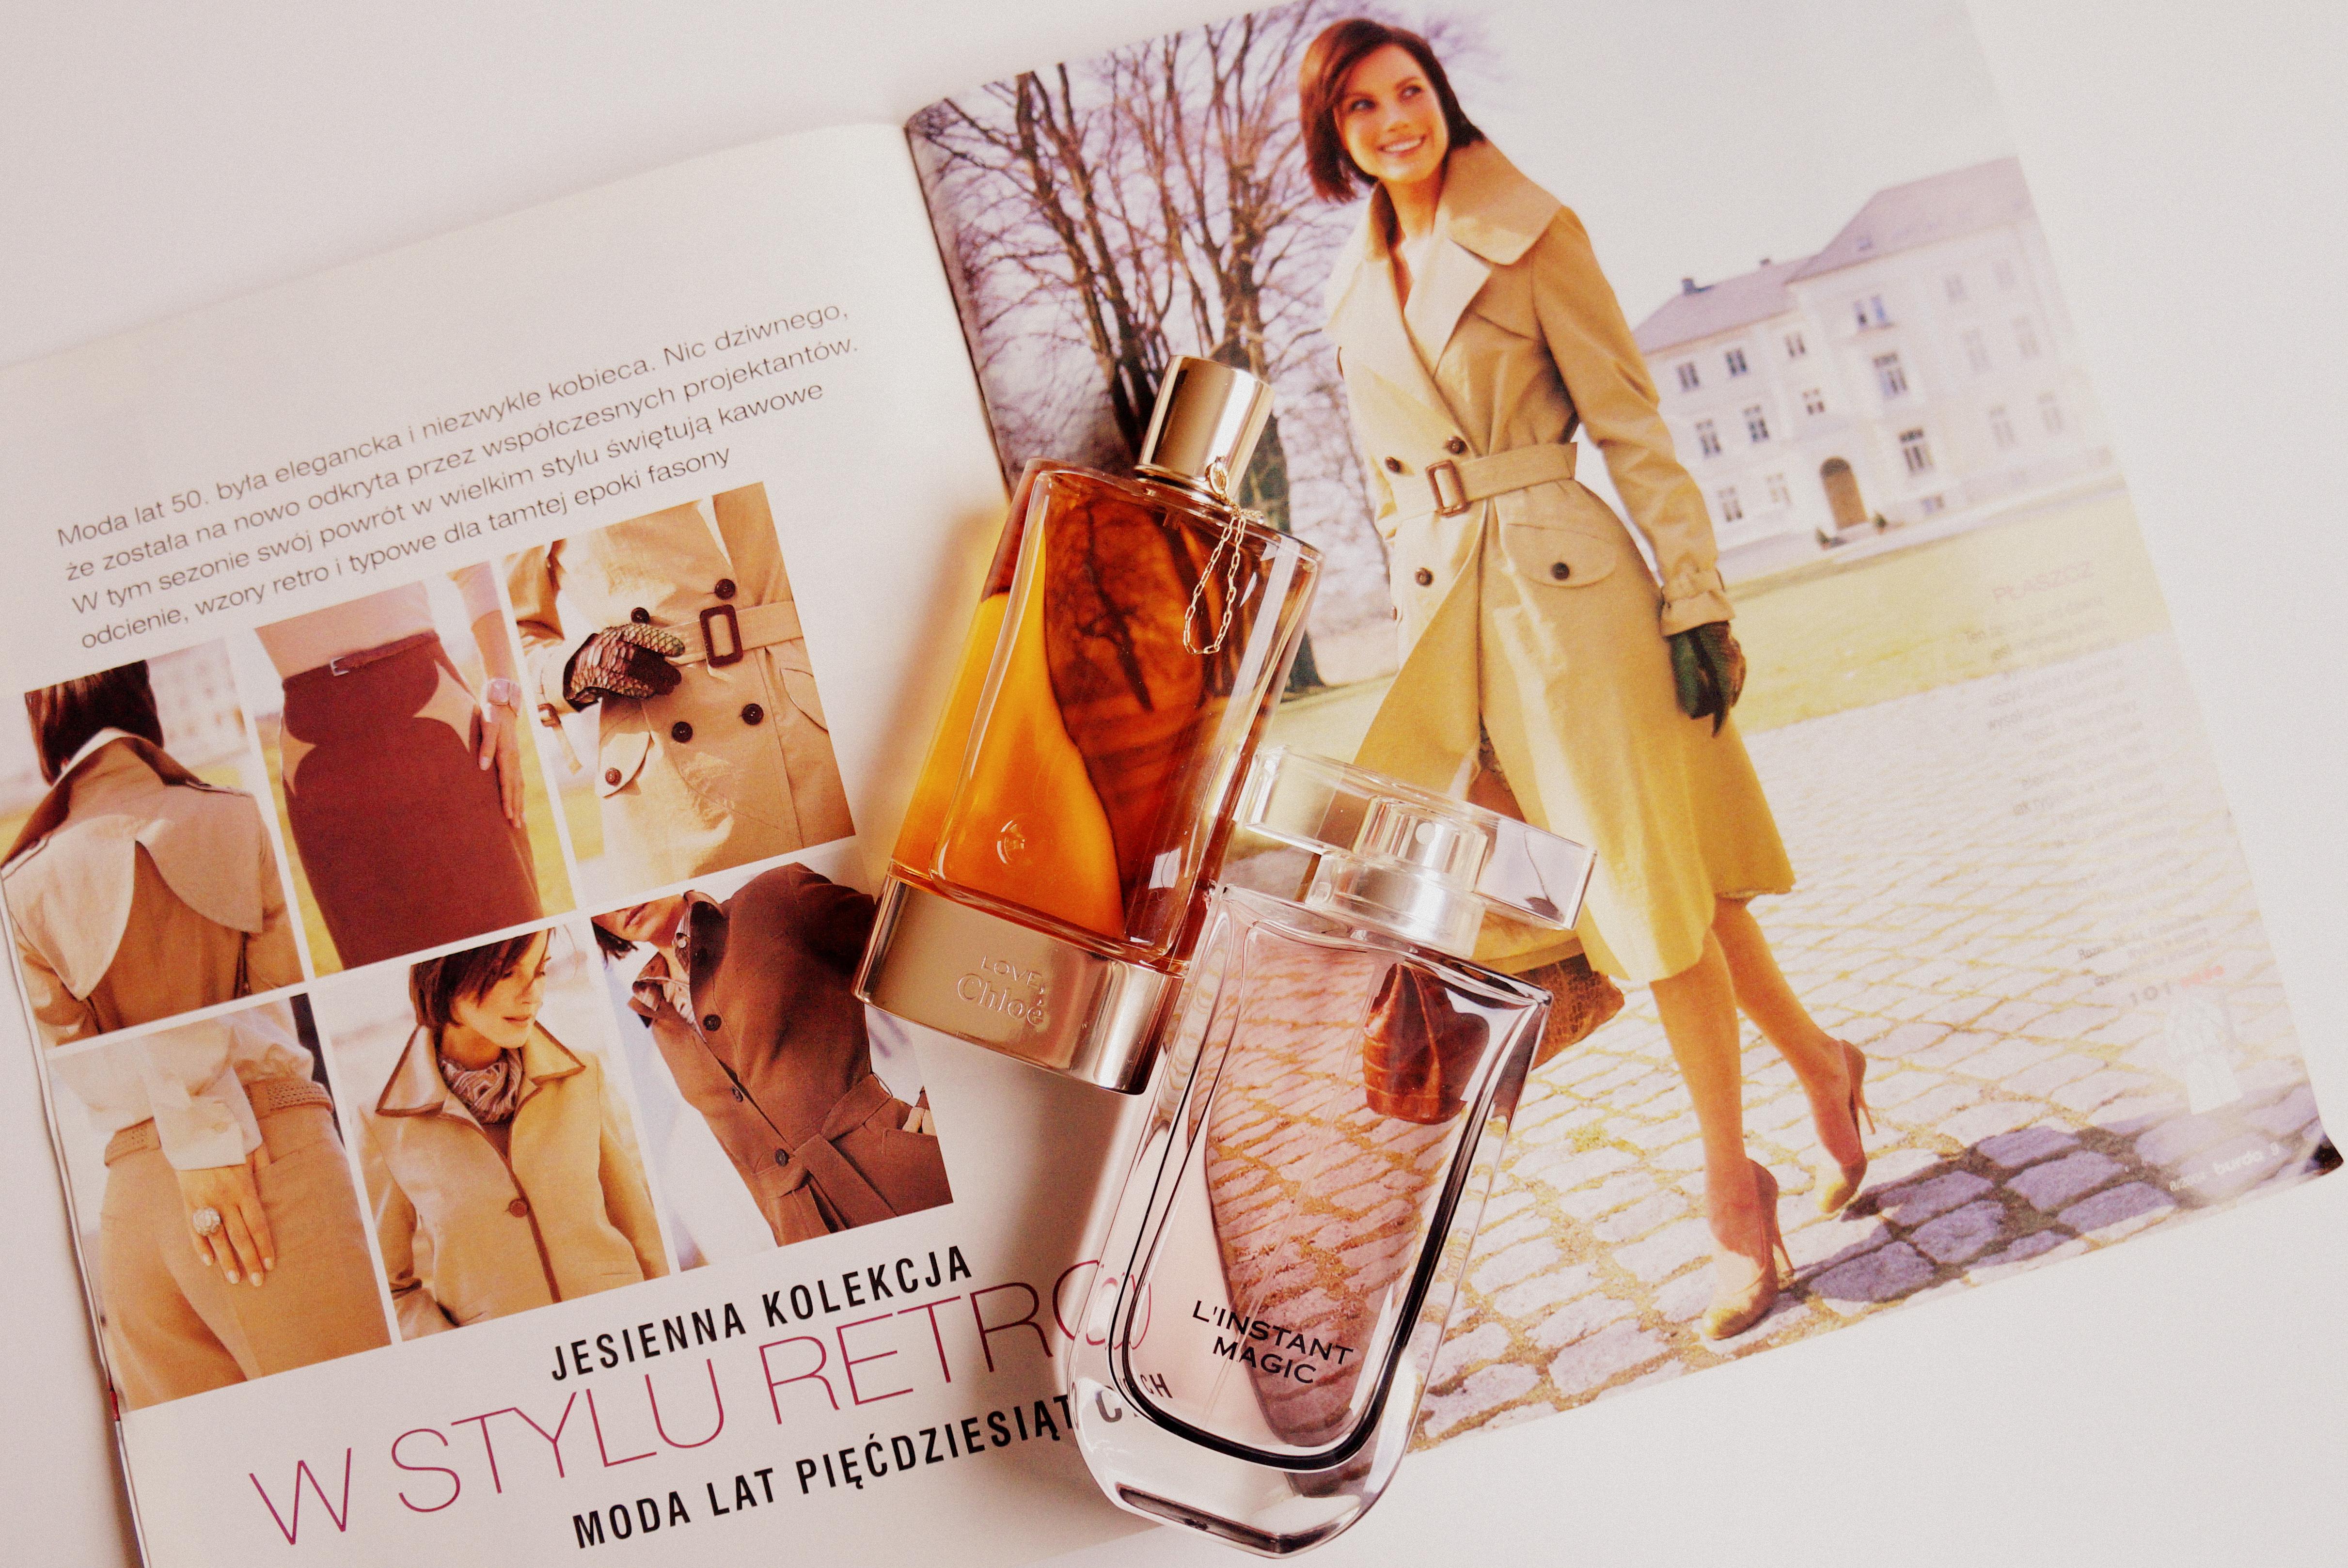 moje-perfumy-wyszły-z-mody-edpholiczka